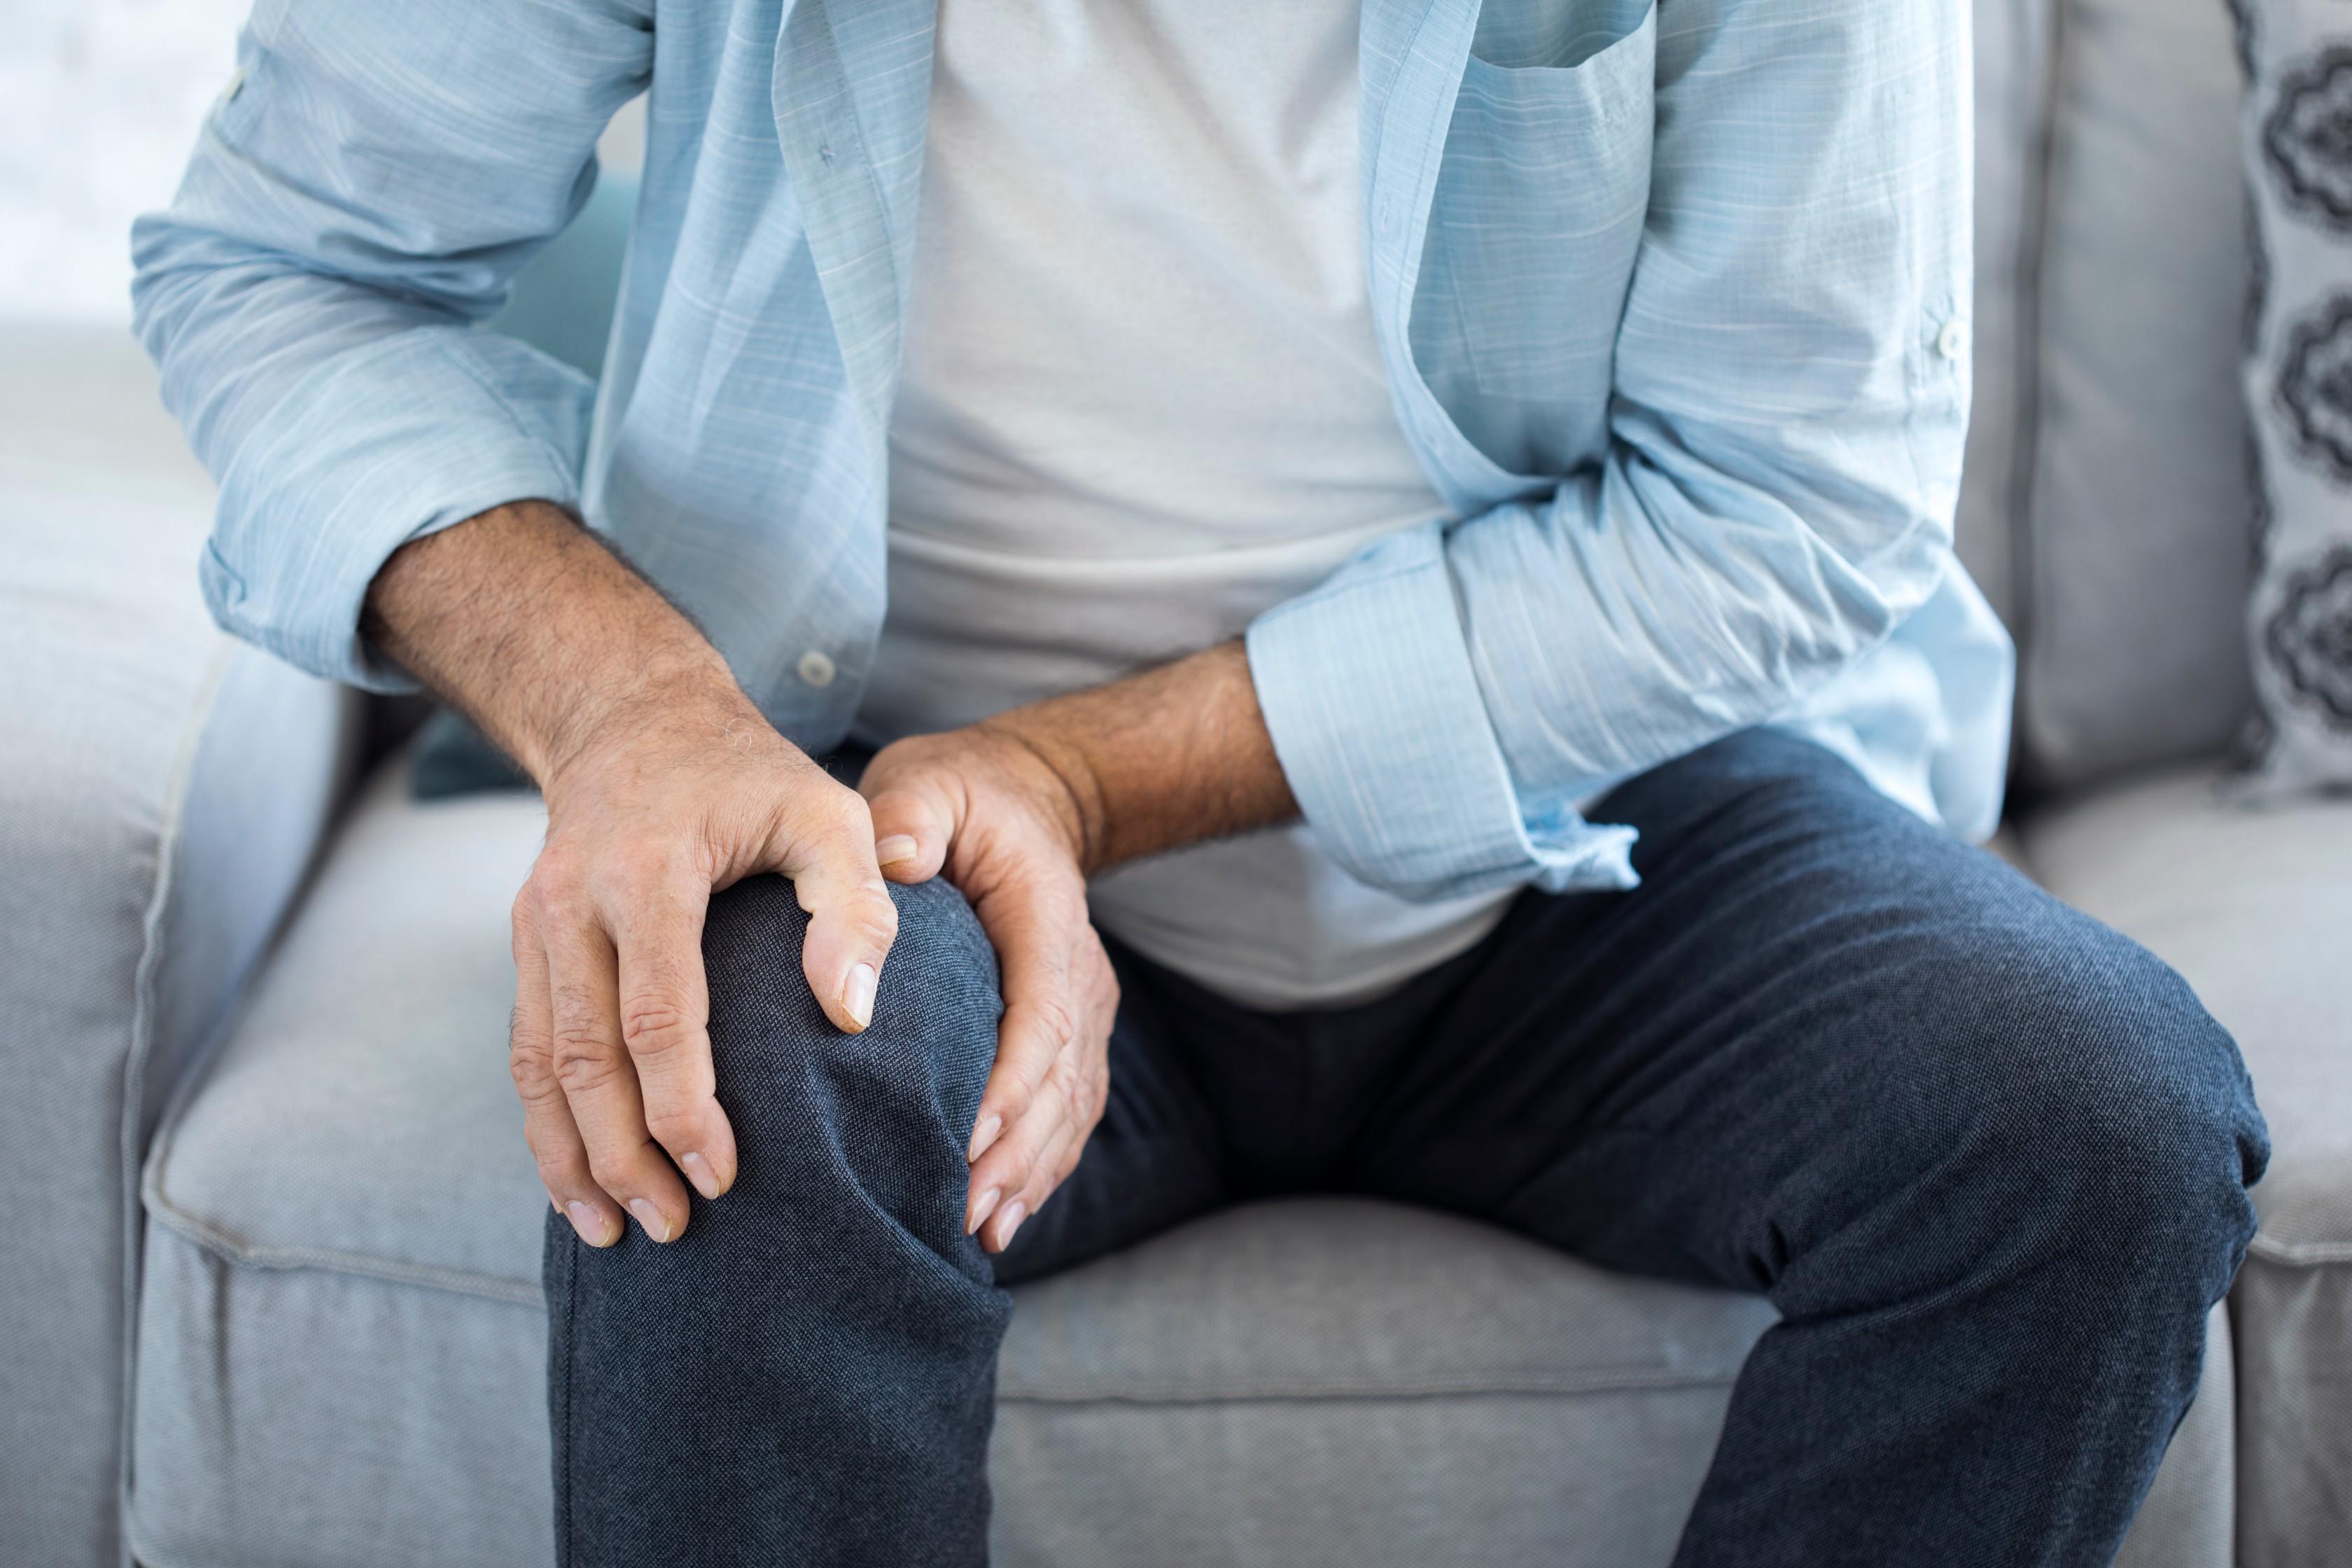 lehetséges az ízületek melegítése fájdalommal kötőszövet javító gyógyszer